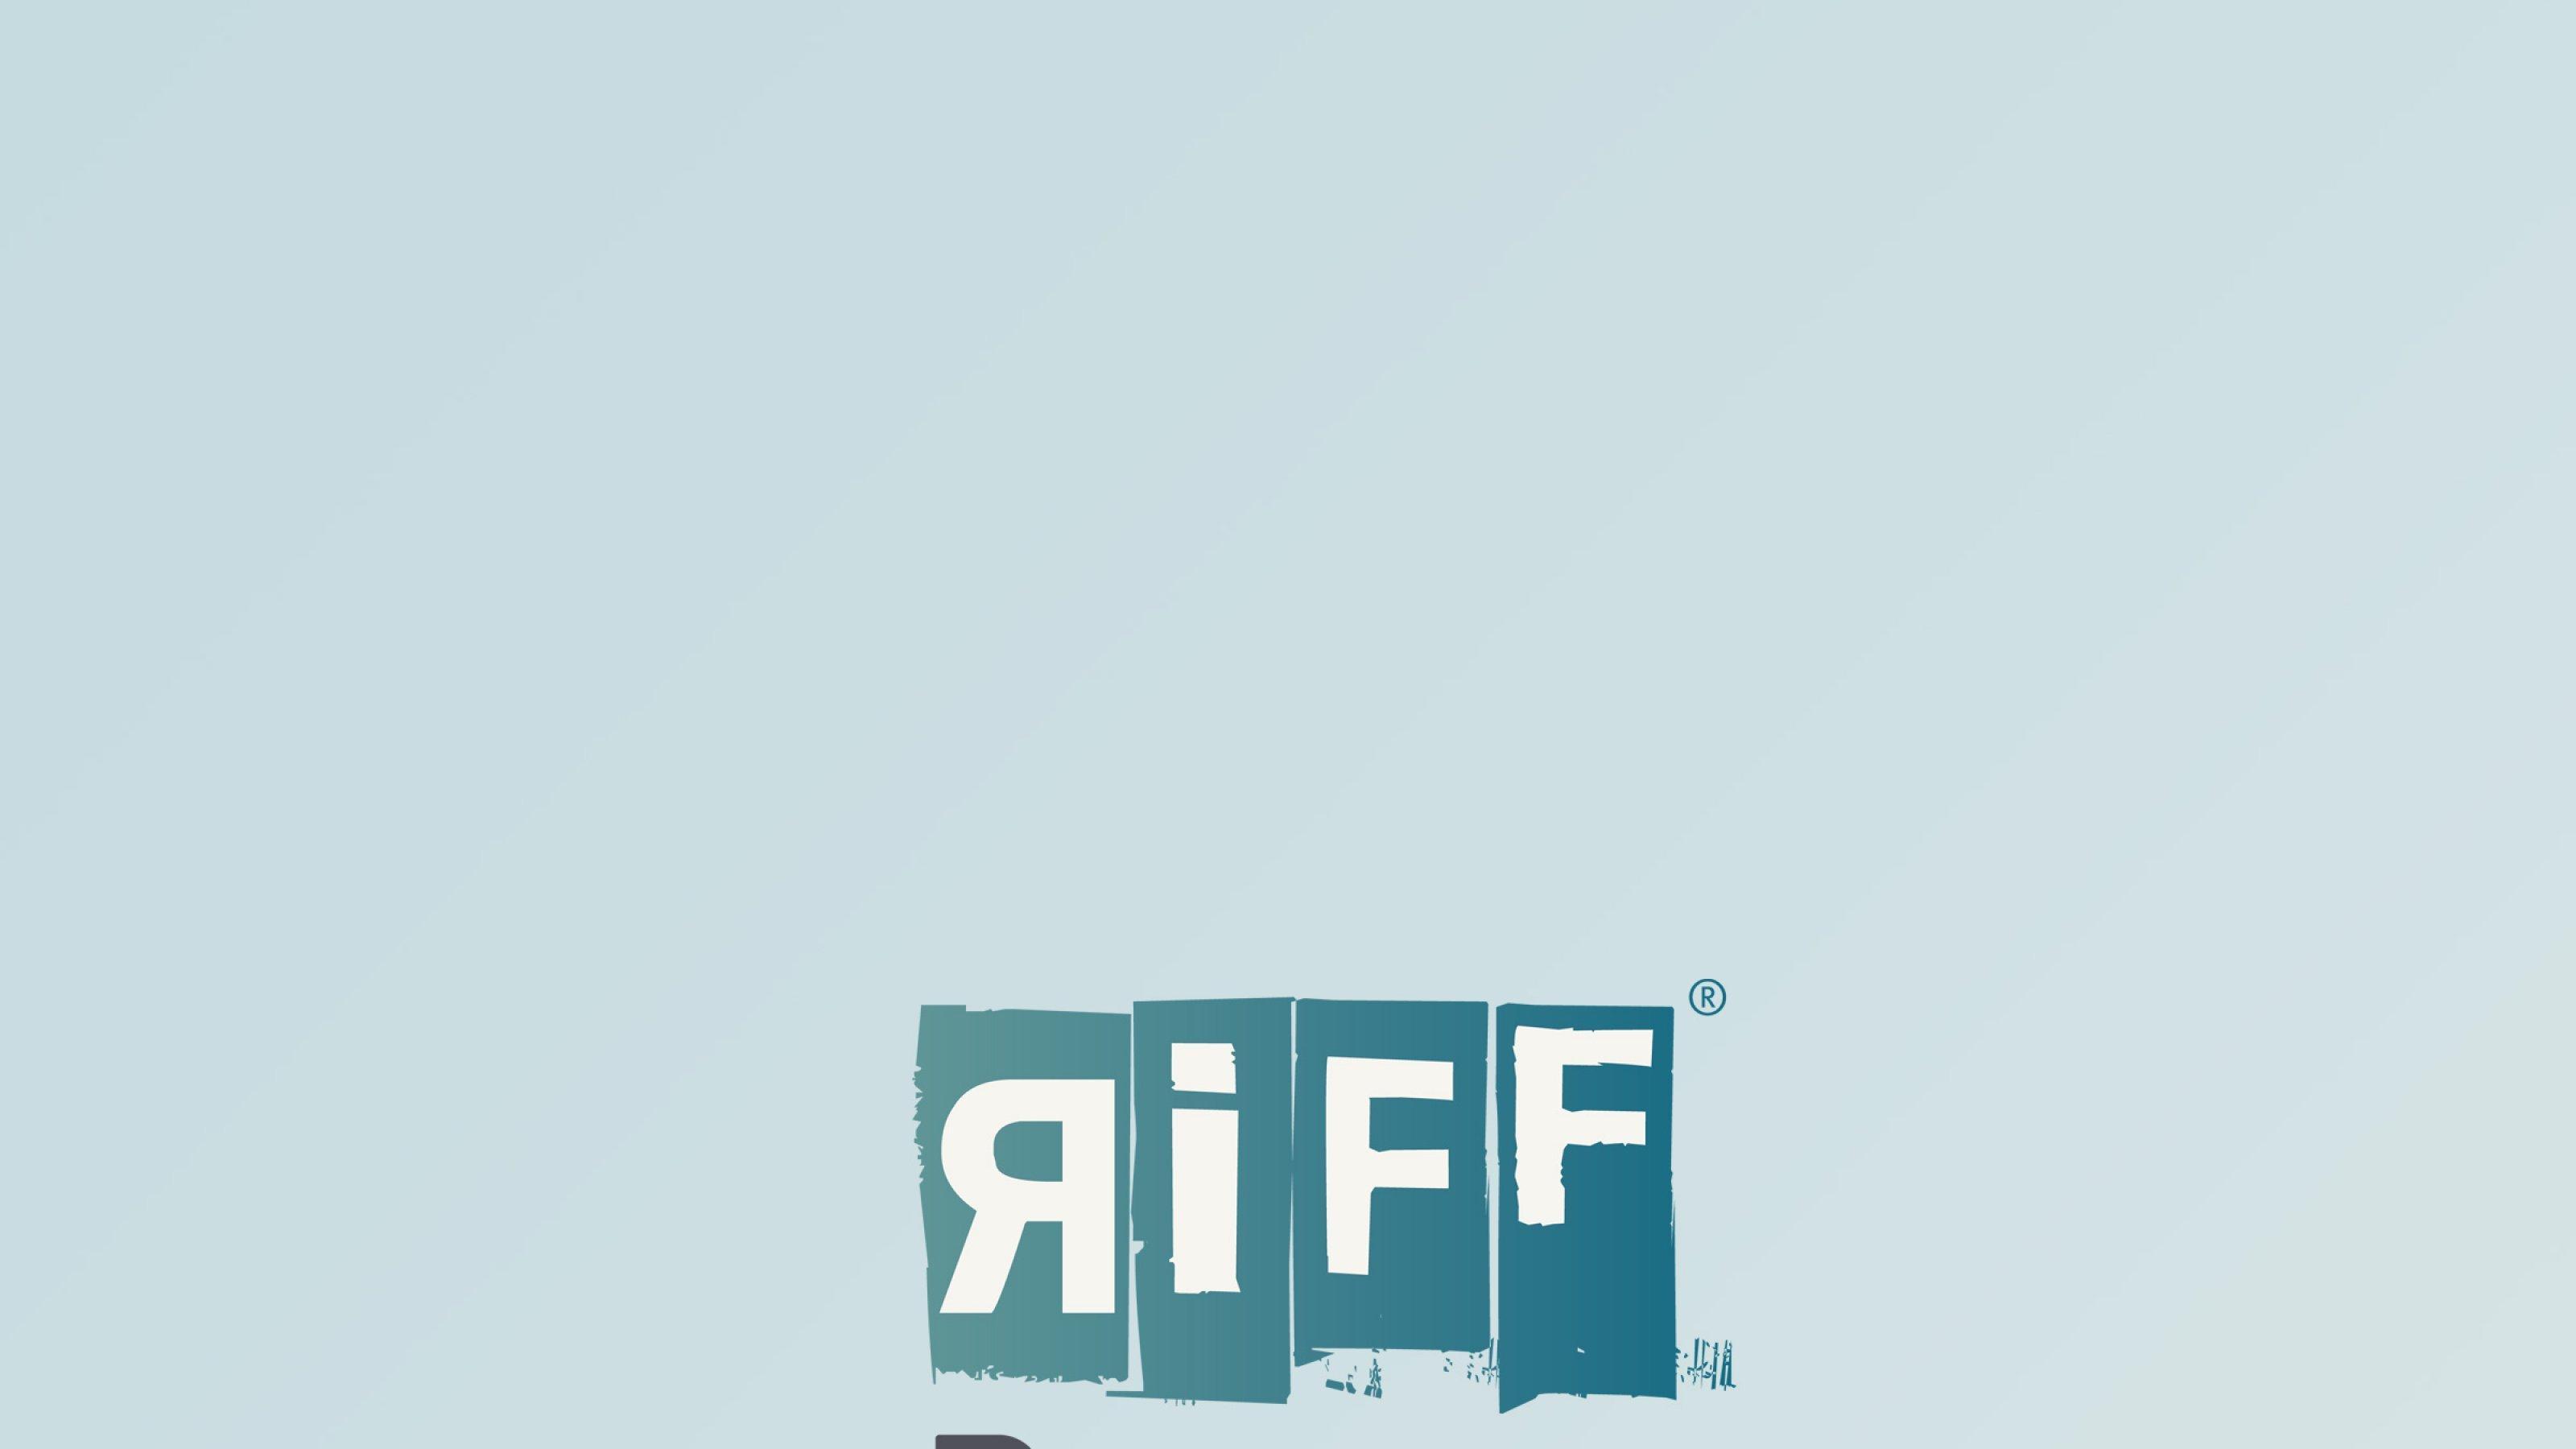 Mann blickt vom rechten Bildrand auf den Betrachter. Im unscharfen Hintergrund fährt ein Schiff auf dem Fluss Rhein unter grau bewölktem Himmel.